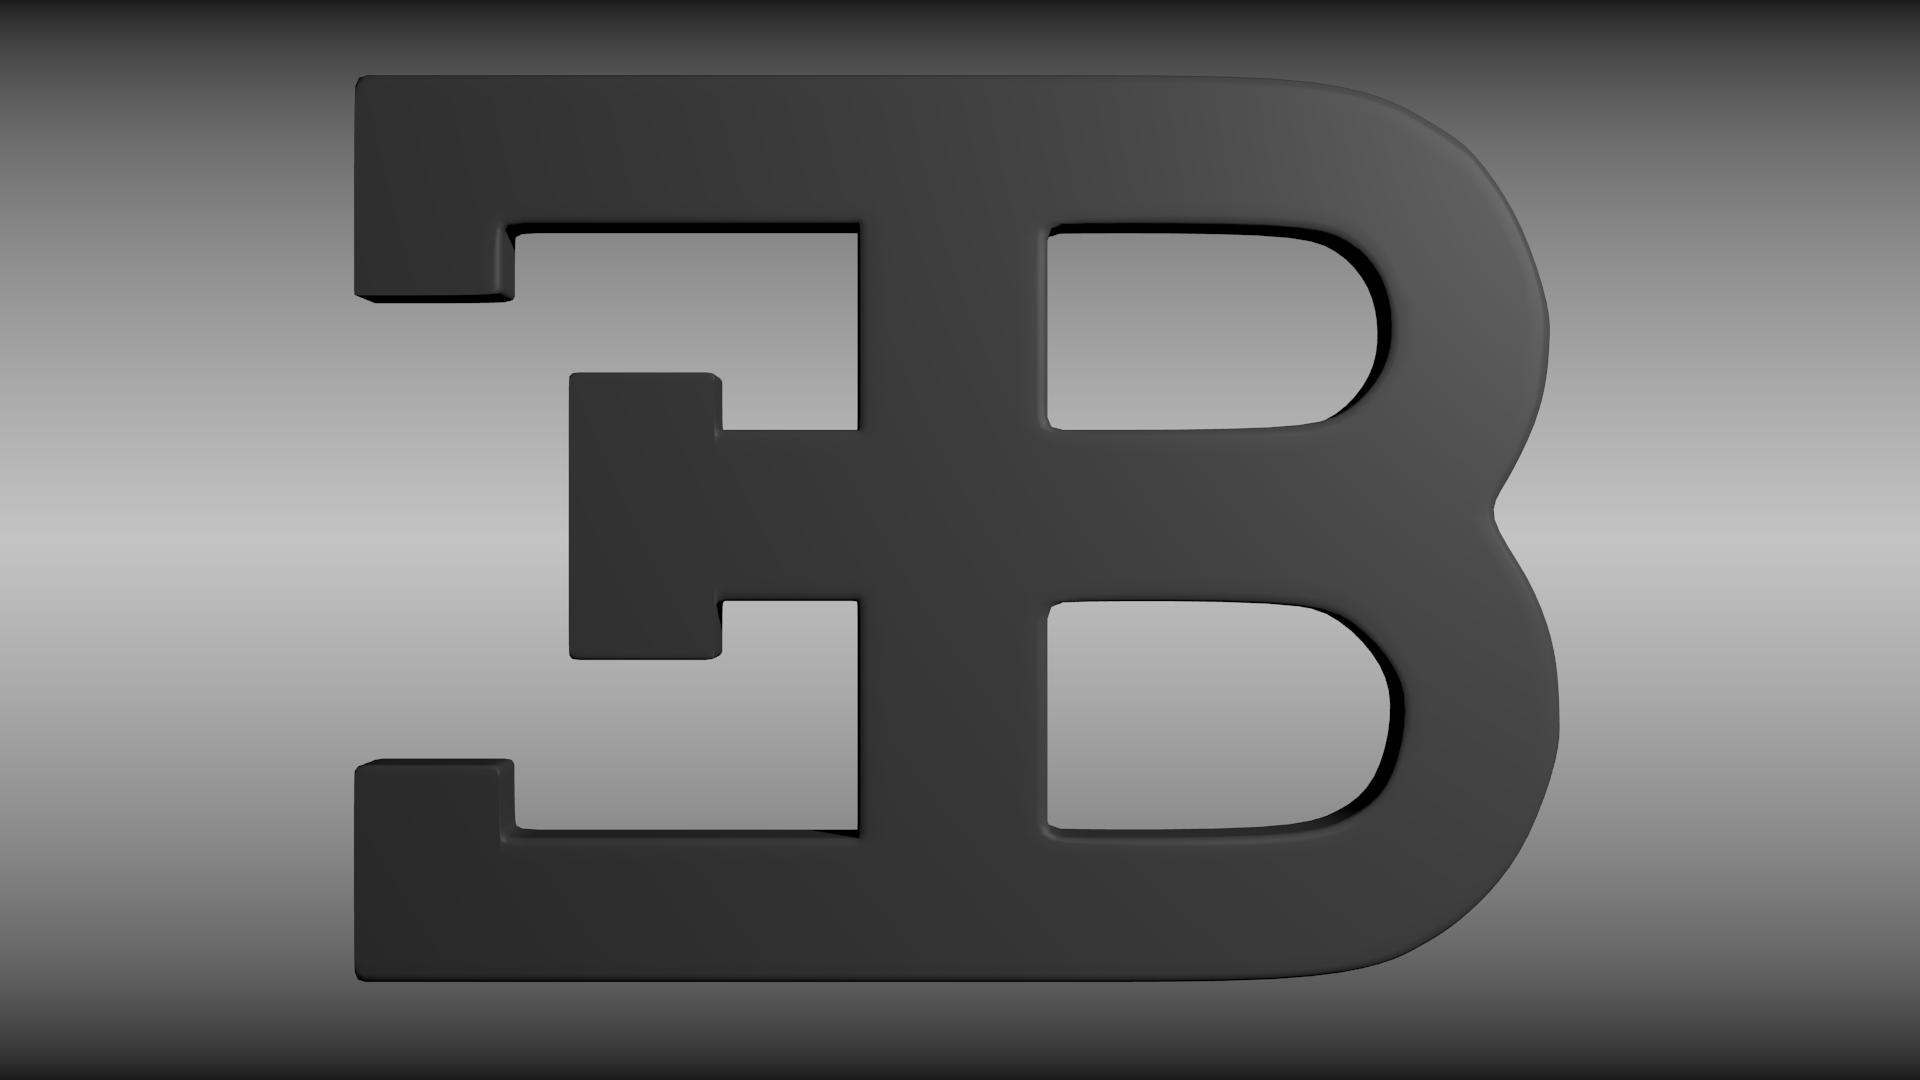 Bugatti Logo Desktop Wallpaper 59075 1920x1080 px 1920x1080